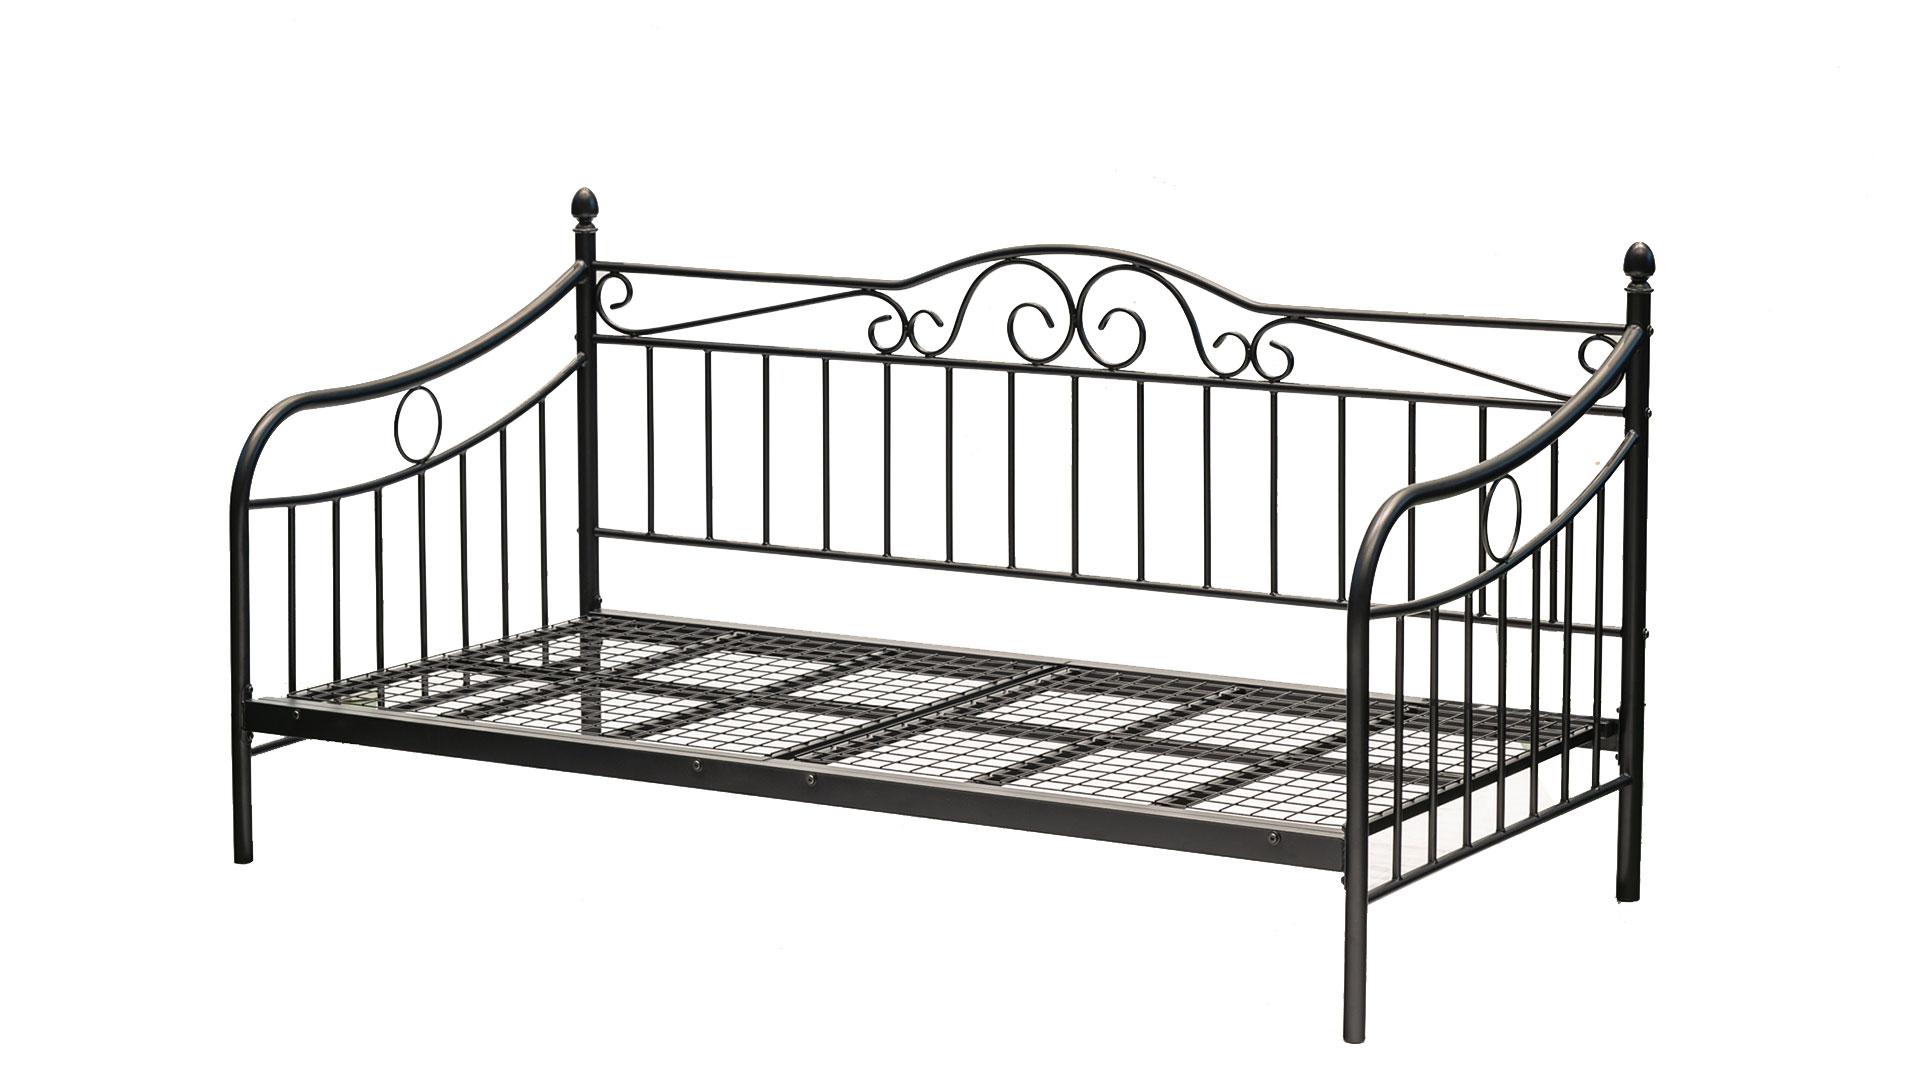 リビンズのベッドフレーム「ビーグル」の斜めの画像